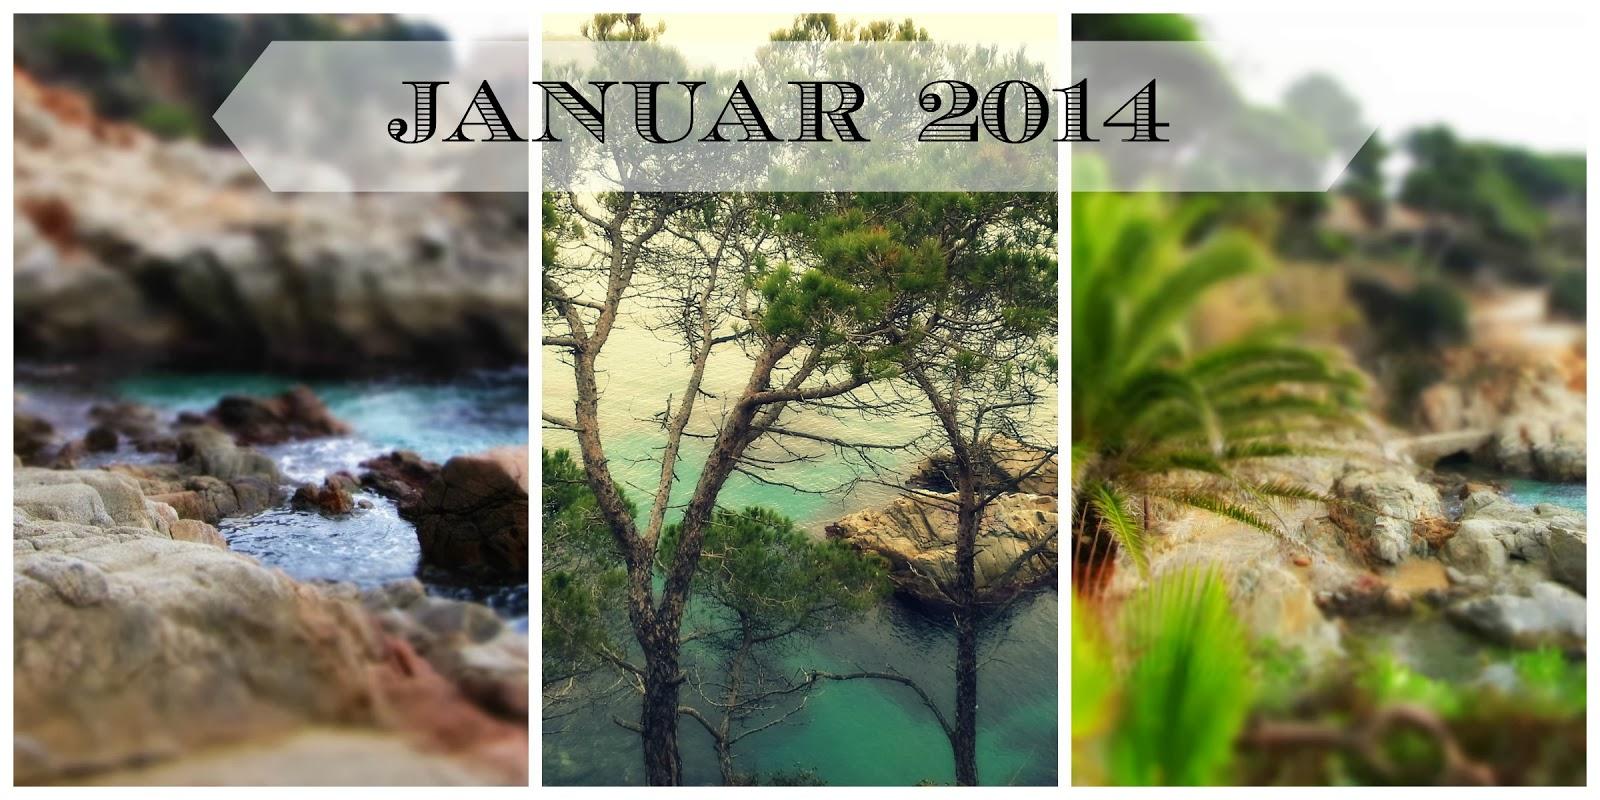 http://sussysmediterraneantreasures.blogspot.com.es/2014/01/lloret-de-mar-cala-banys-die-costa.html